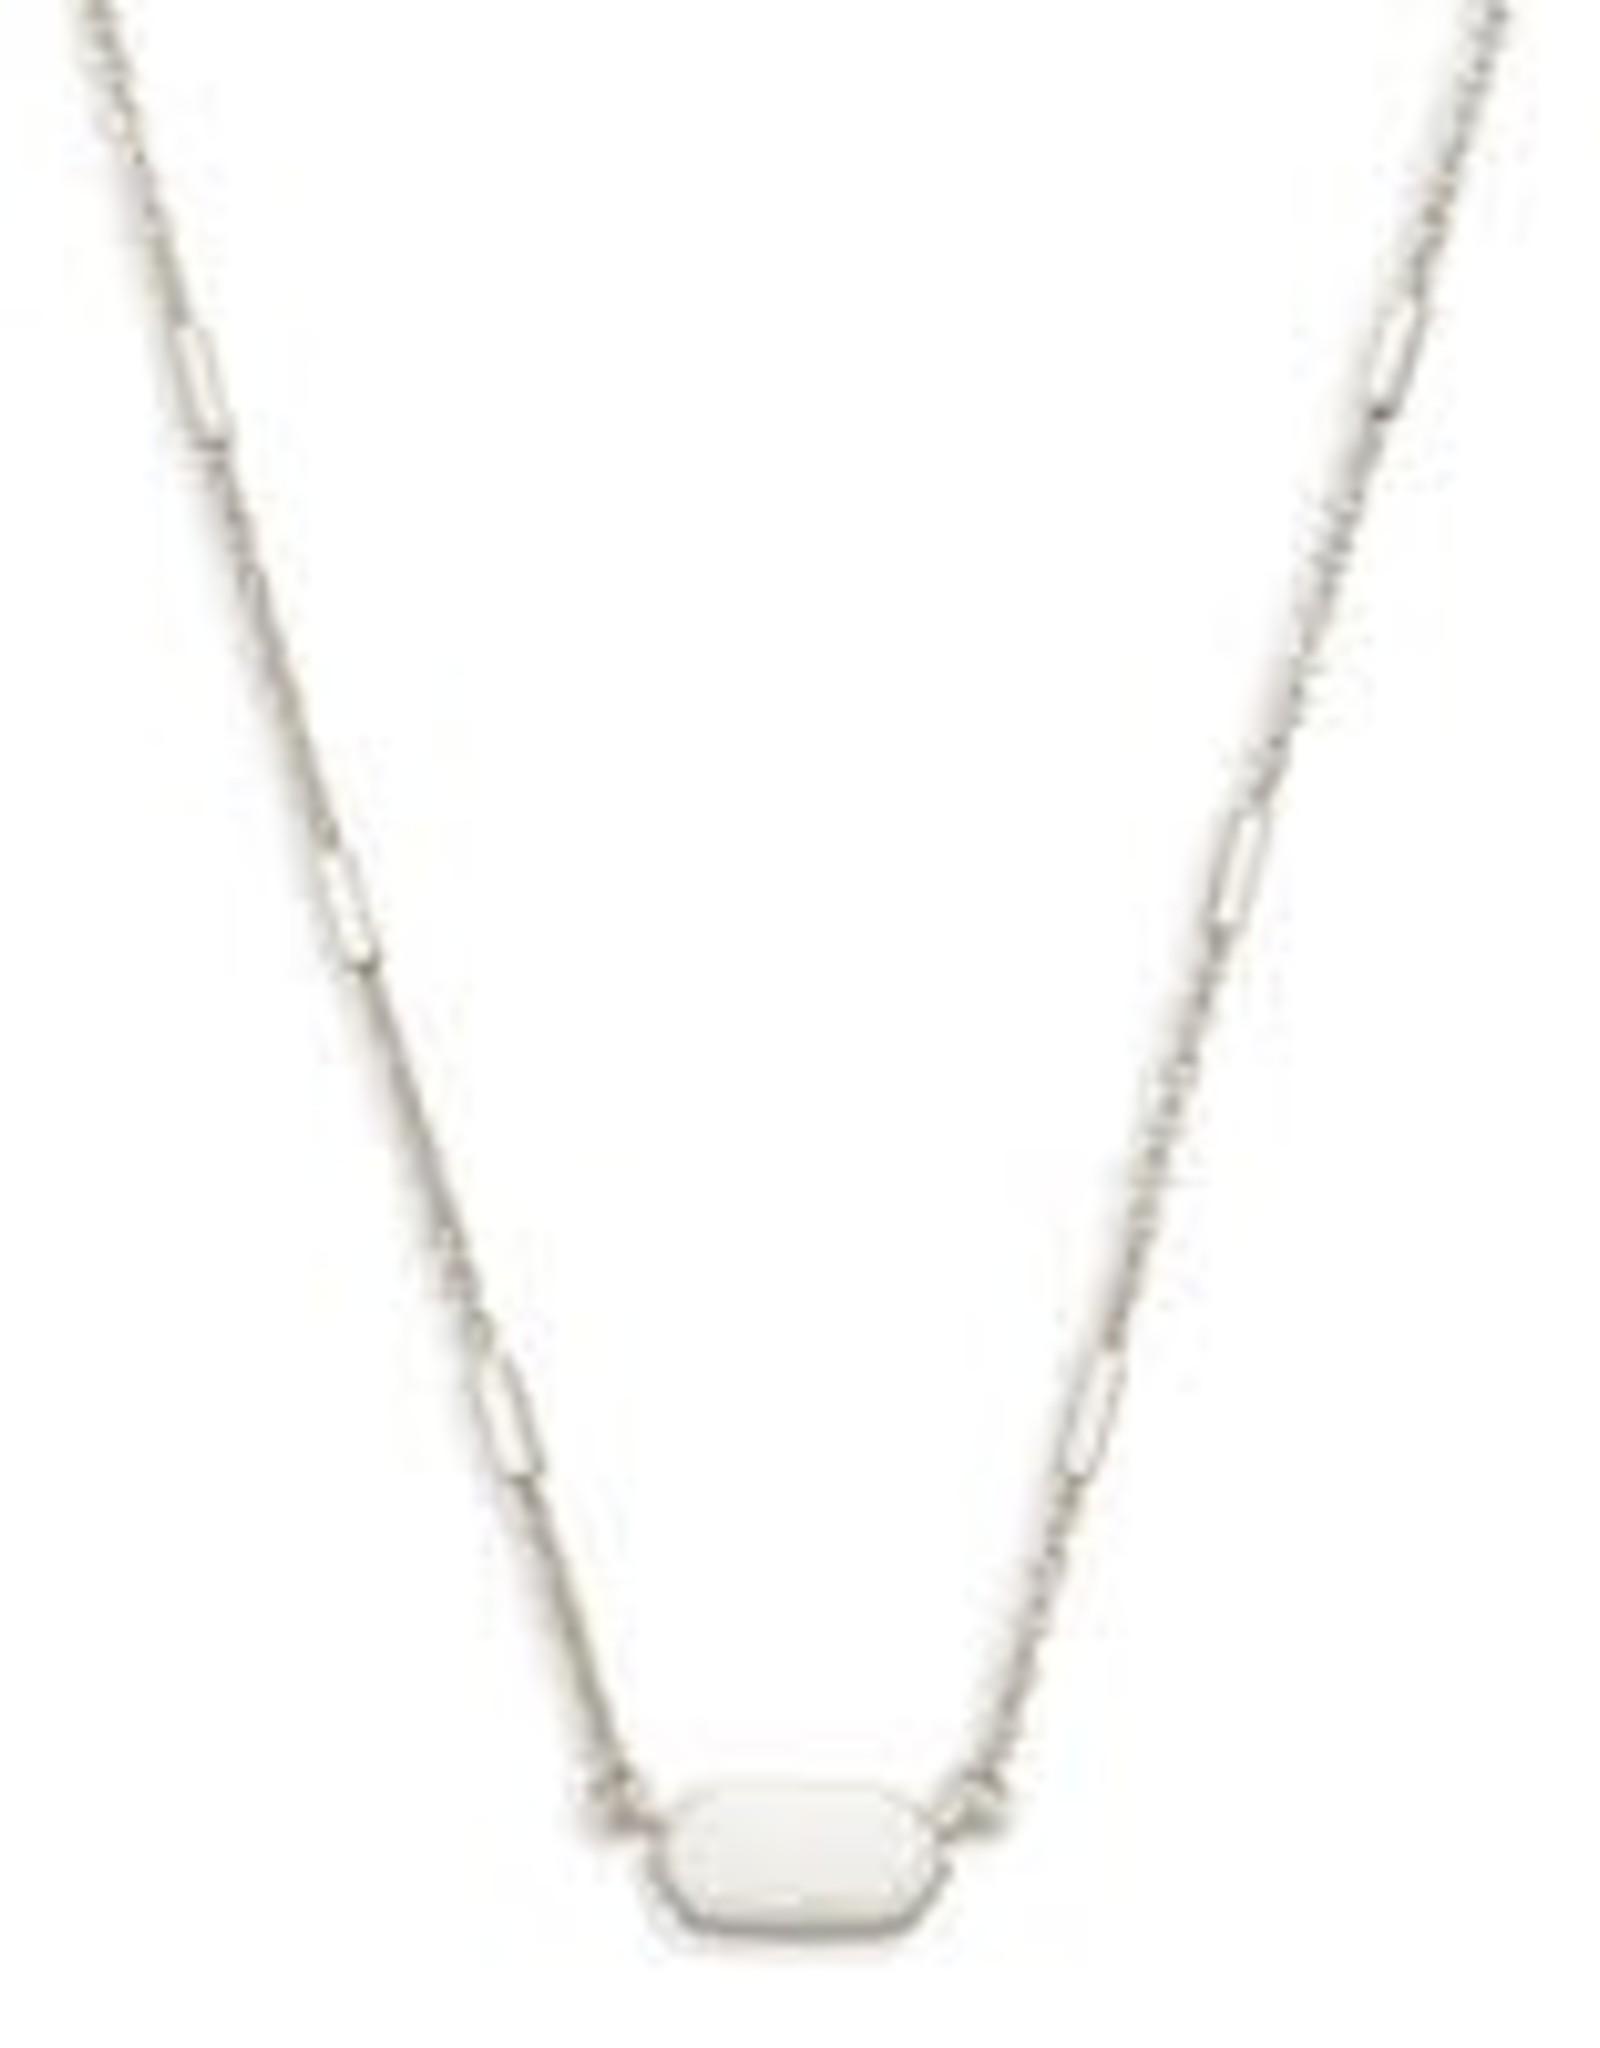 Kendra Scott KENDRA SCOTT Necklace Fern- Silver